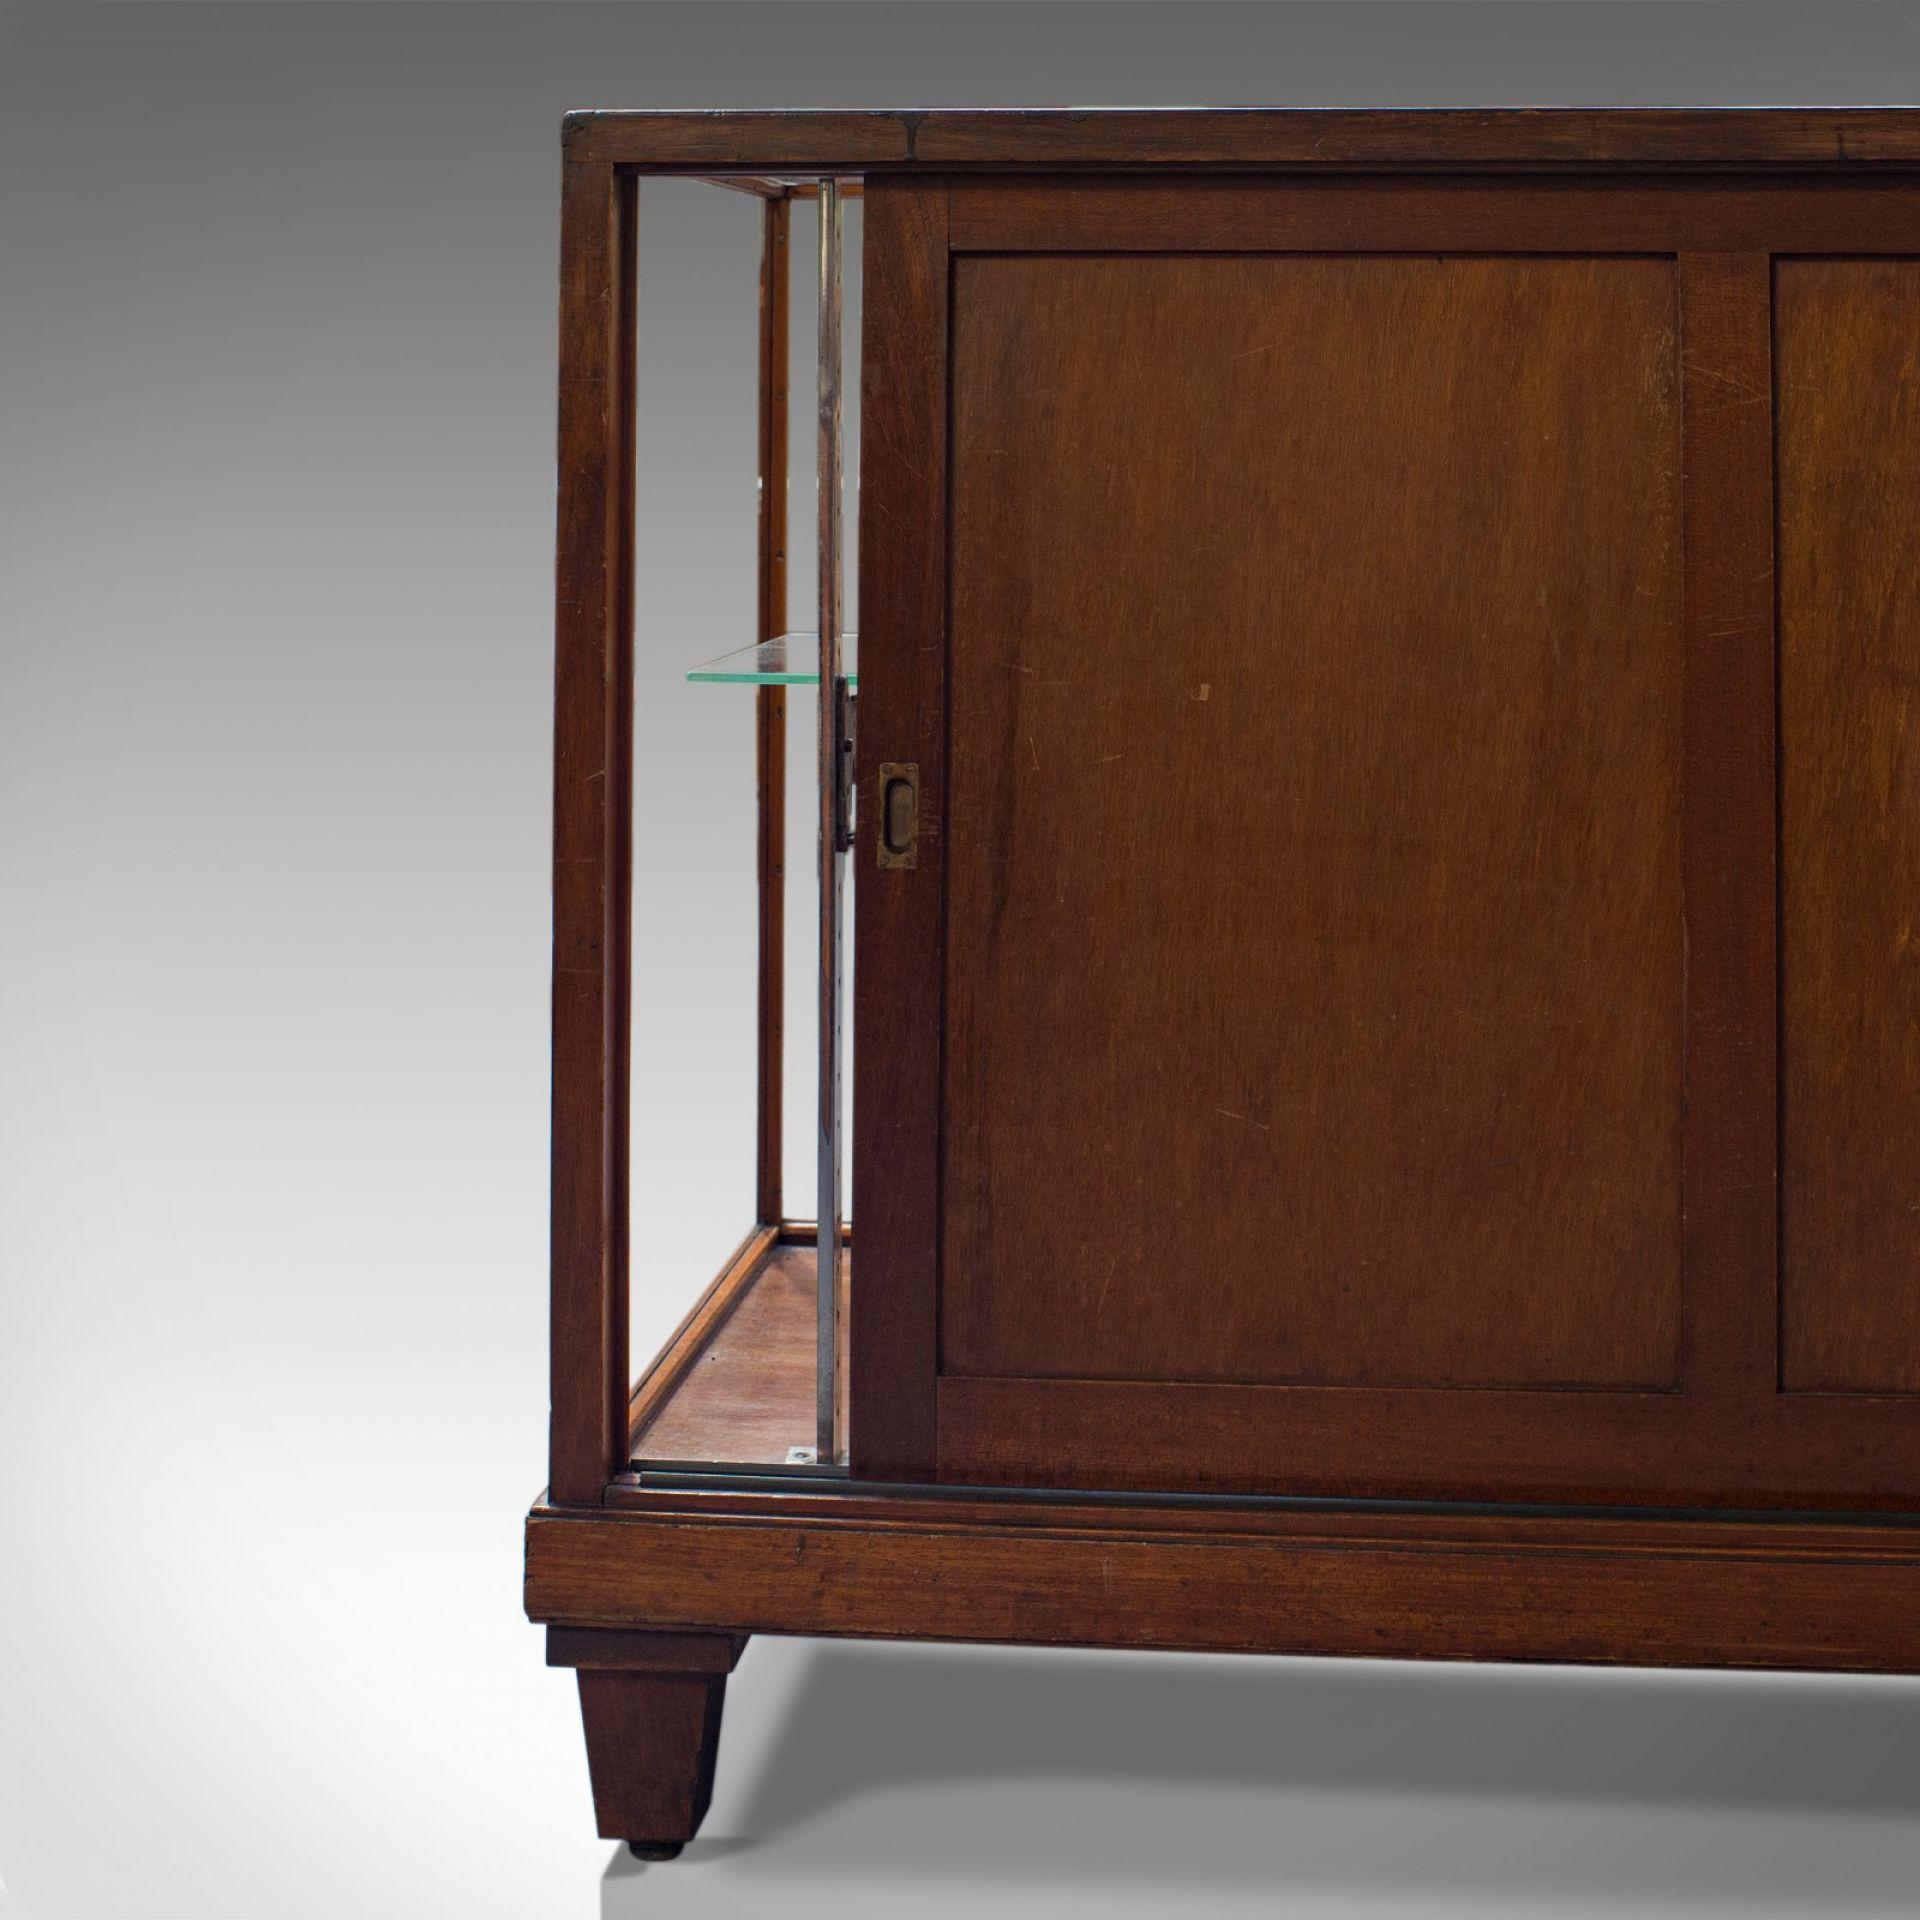 Antique Display Cabinet, English, Mahogany, Shopfitting, Showcase, Edwardian